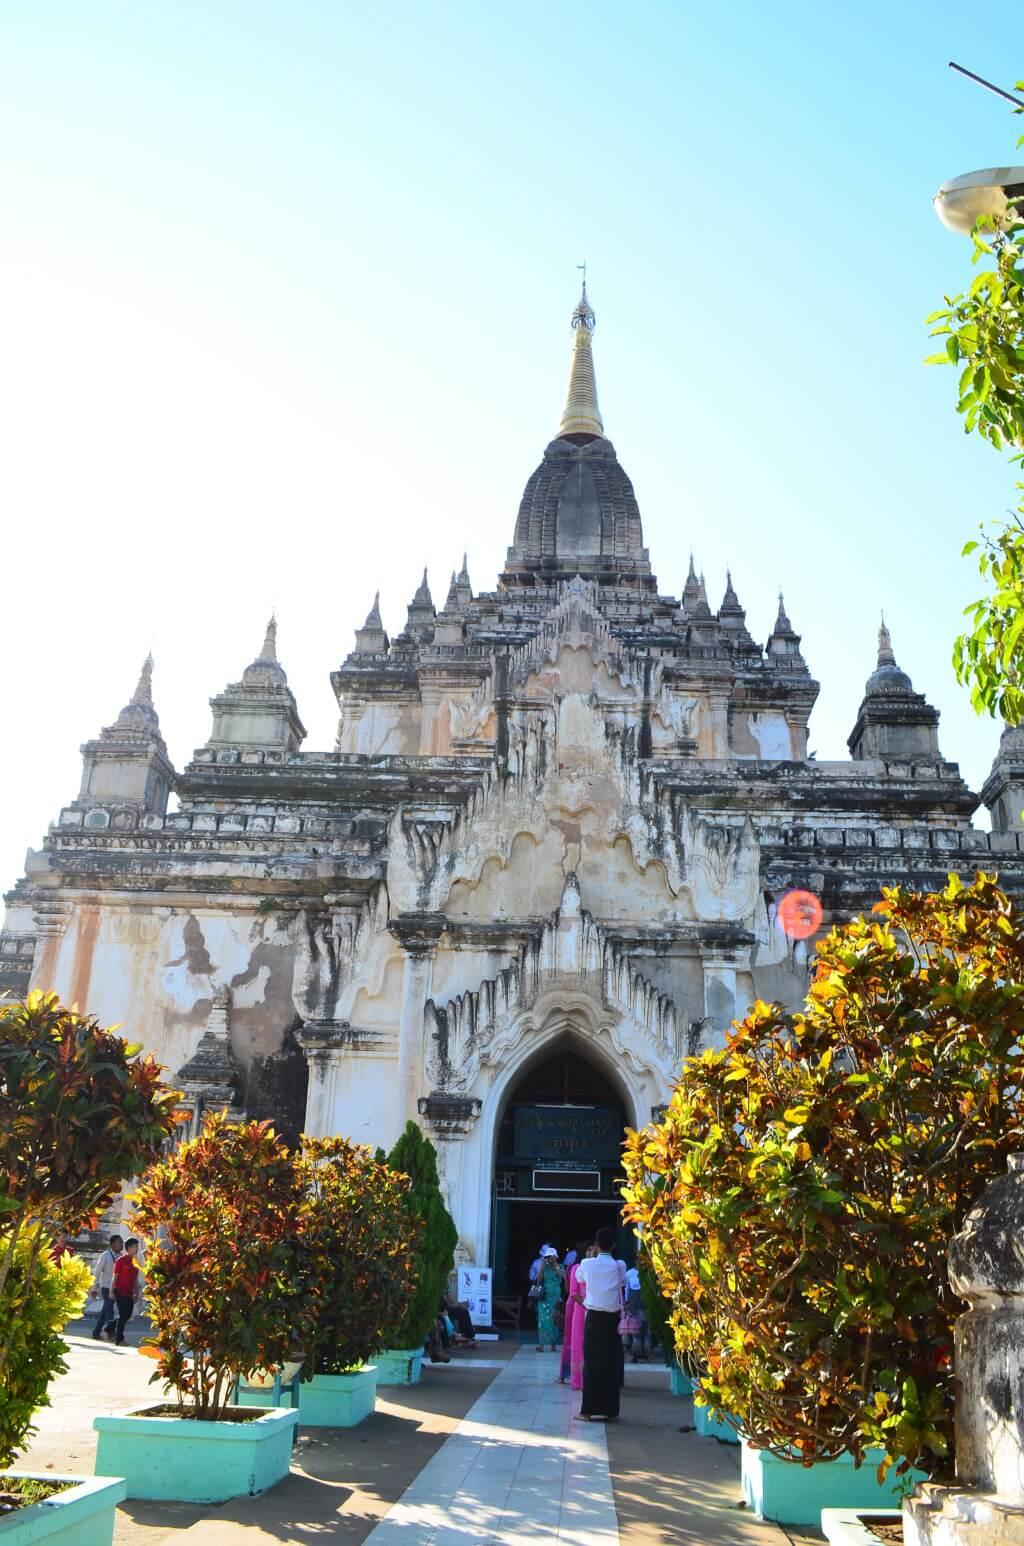 バガン遺跡 オールドバガンのゴドーパリィン寺院(Gawdawpalin Temple)